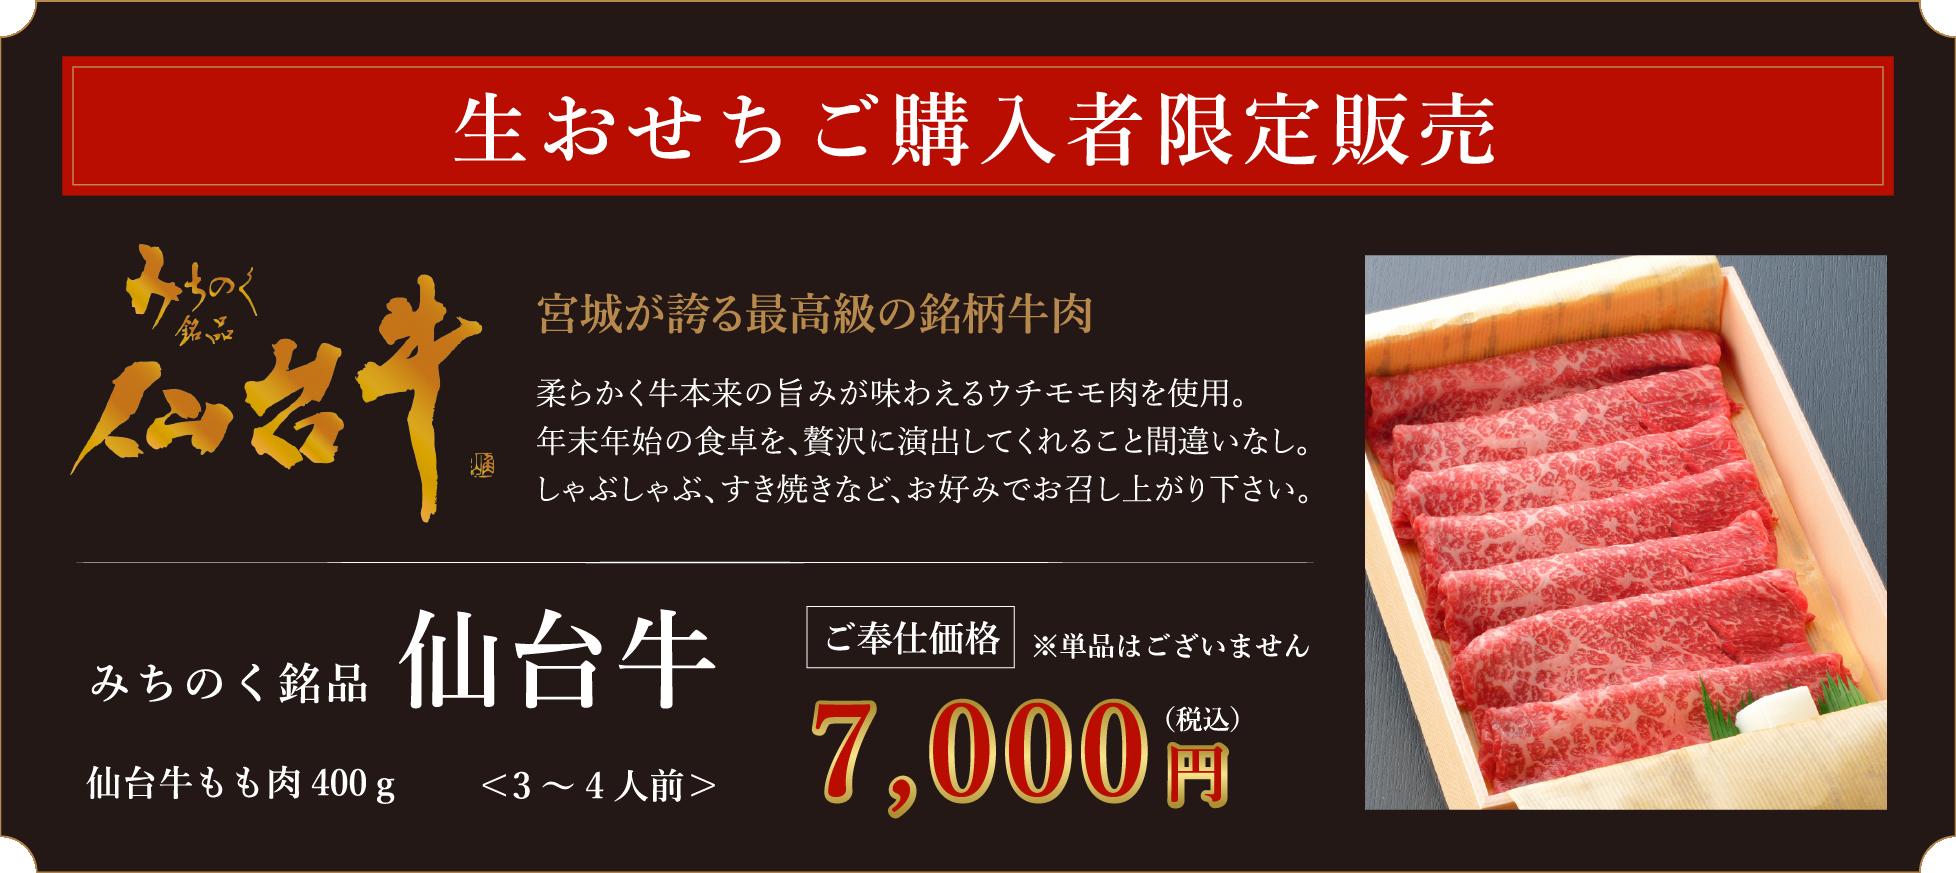 生おせちご購入者限定販売 みちのく銘品仙台牛 ご奉仕価格7000円(税込)